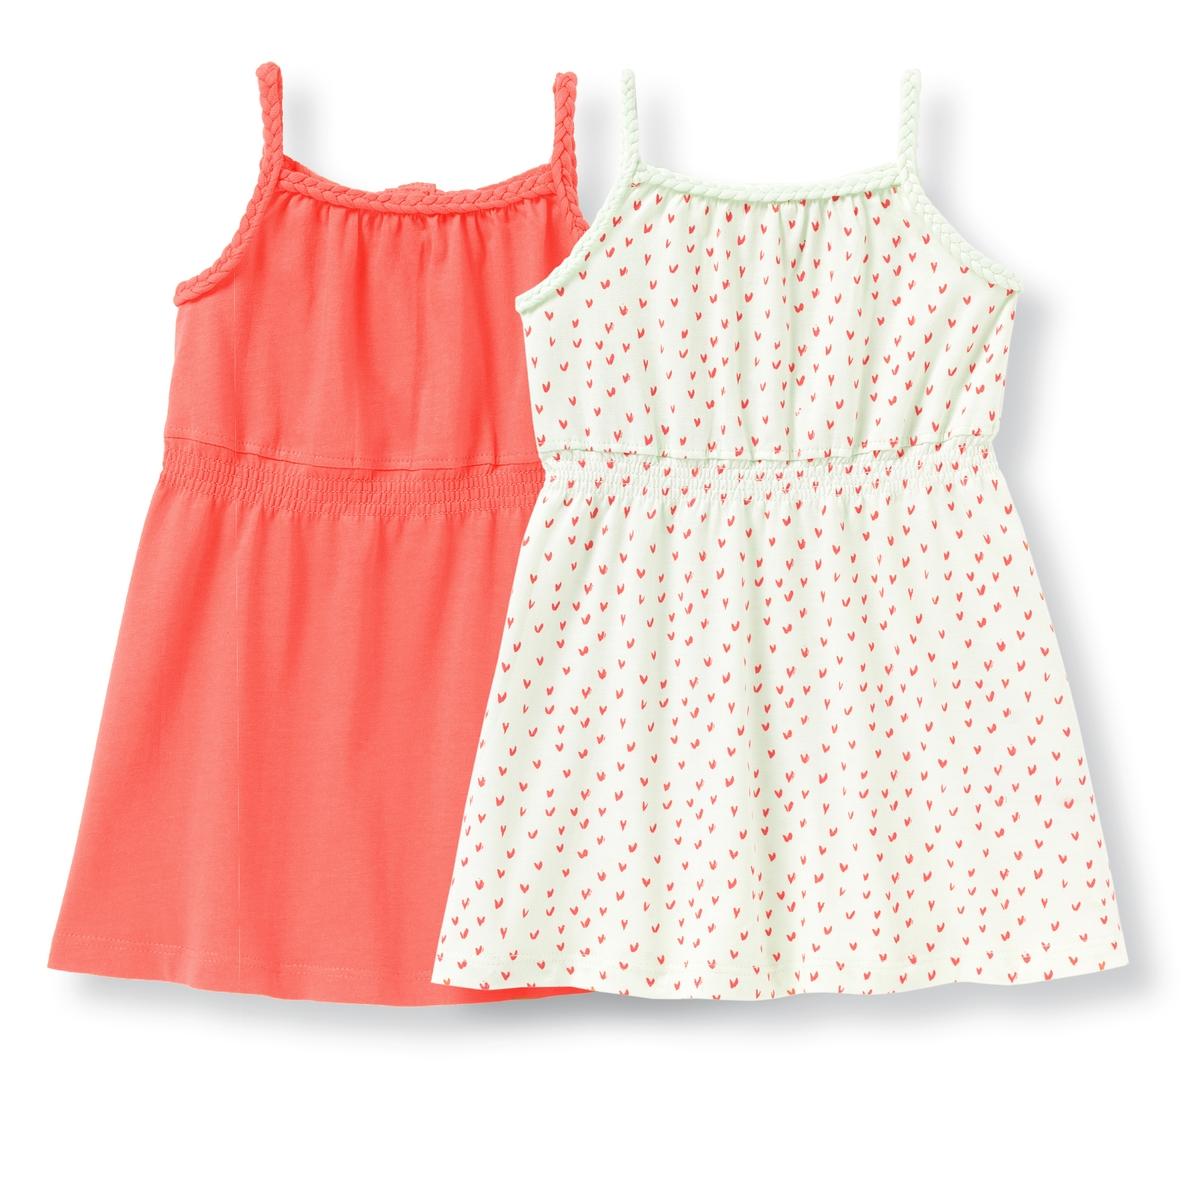 Комплект из 2 платьев с тонкими бретелями, 1 мес. - 3 года